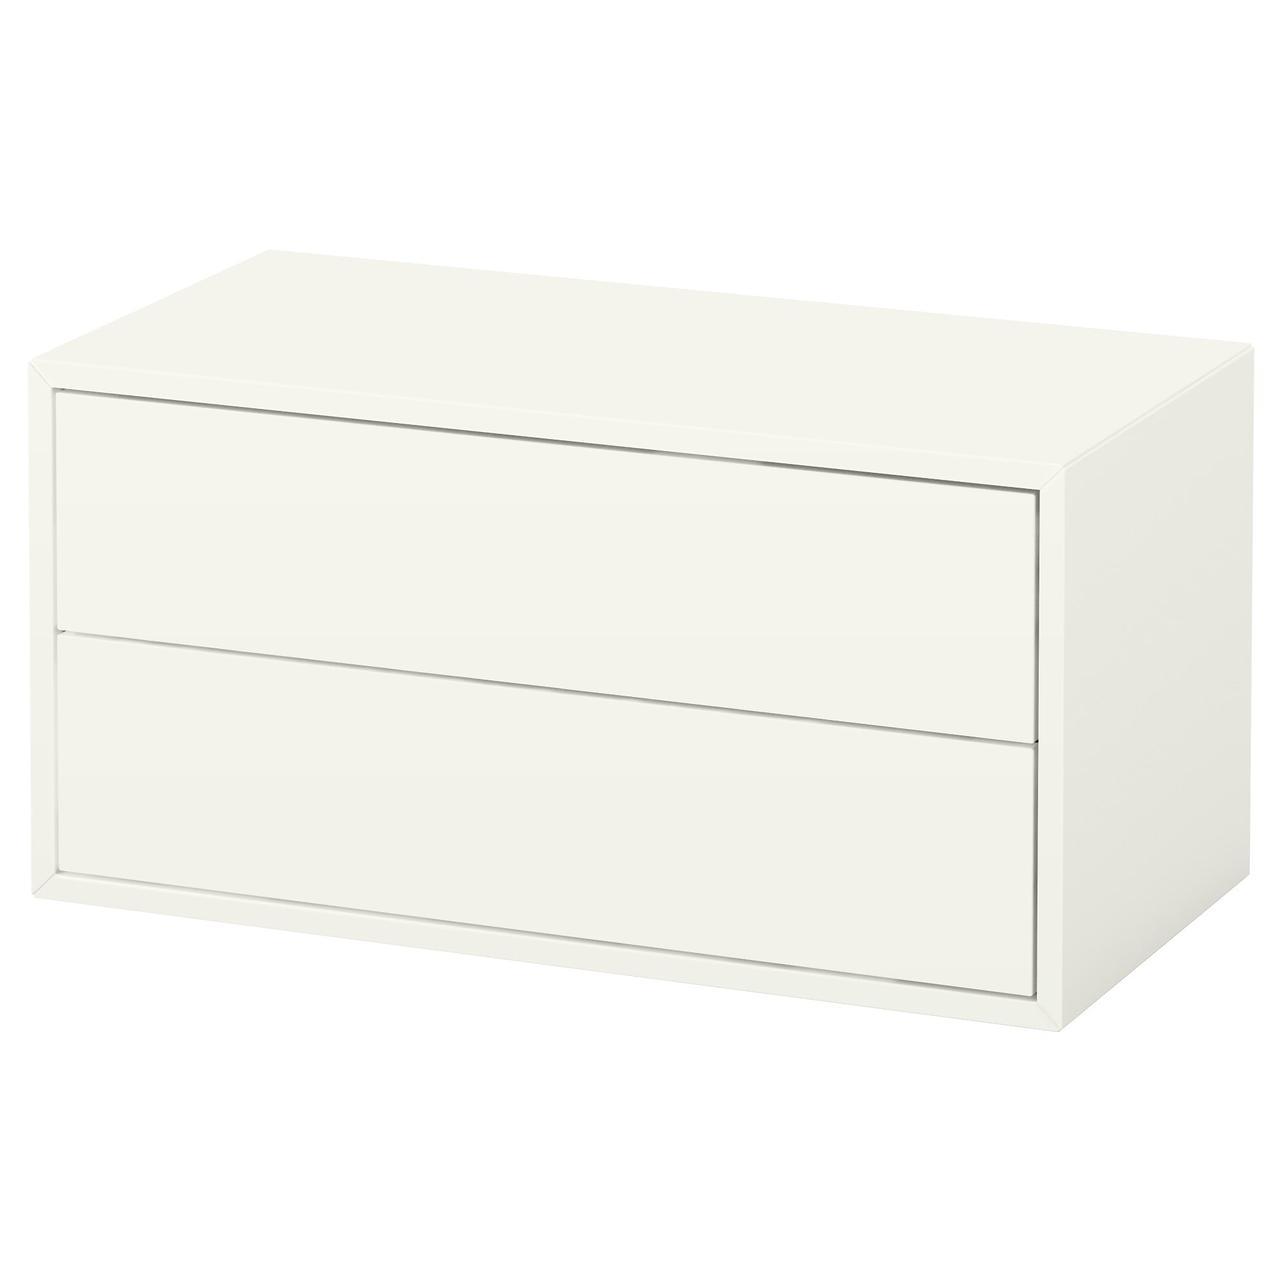 IKEA EKET (003.339.47) Книжный шкаф/2 выдвижных ящика